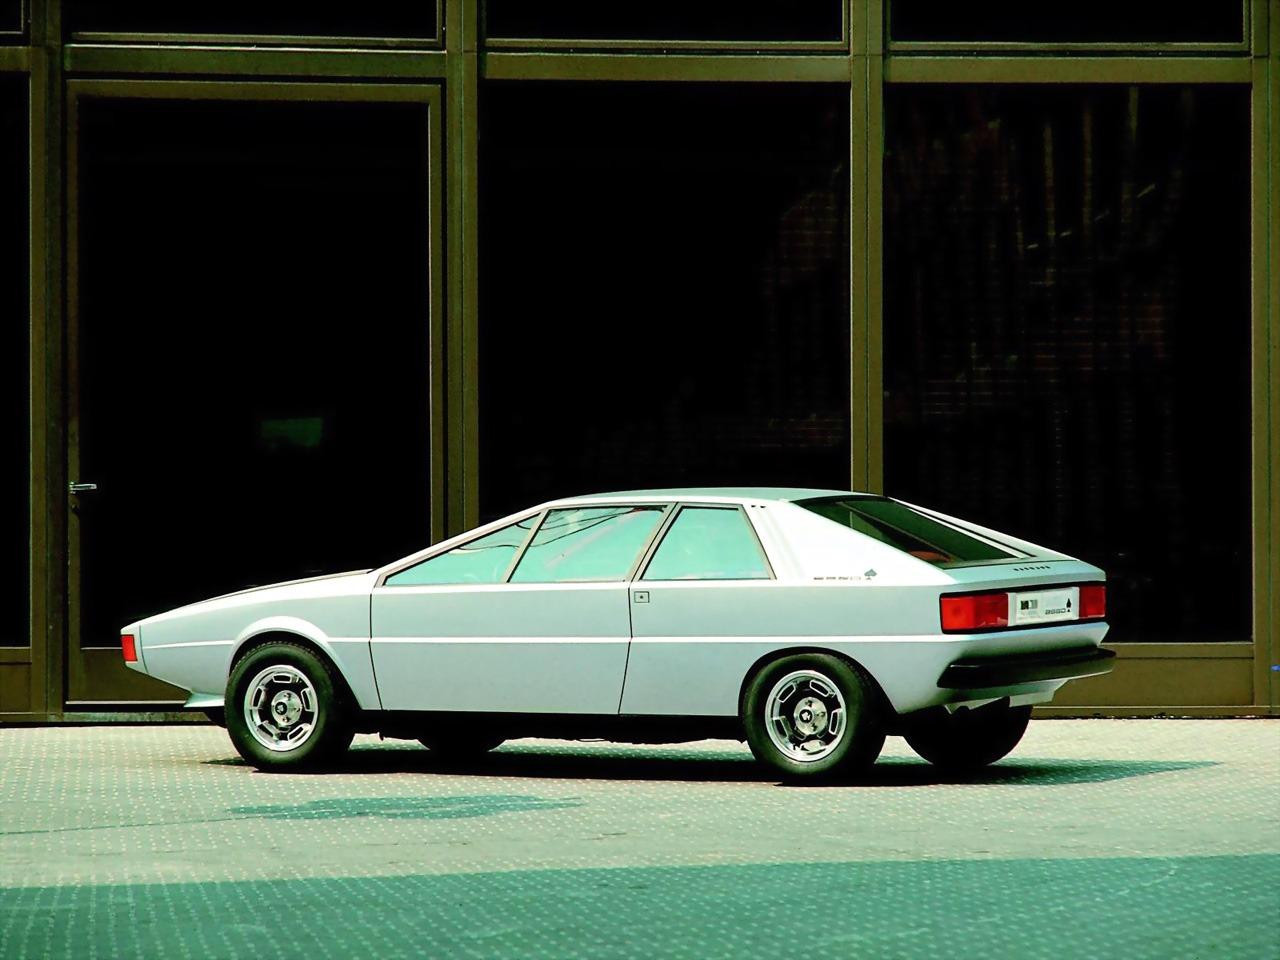 Audi Near Me >> Audi Asso di Picche Concept (1973) - Old Concept Cars